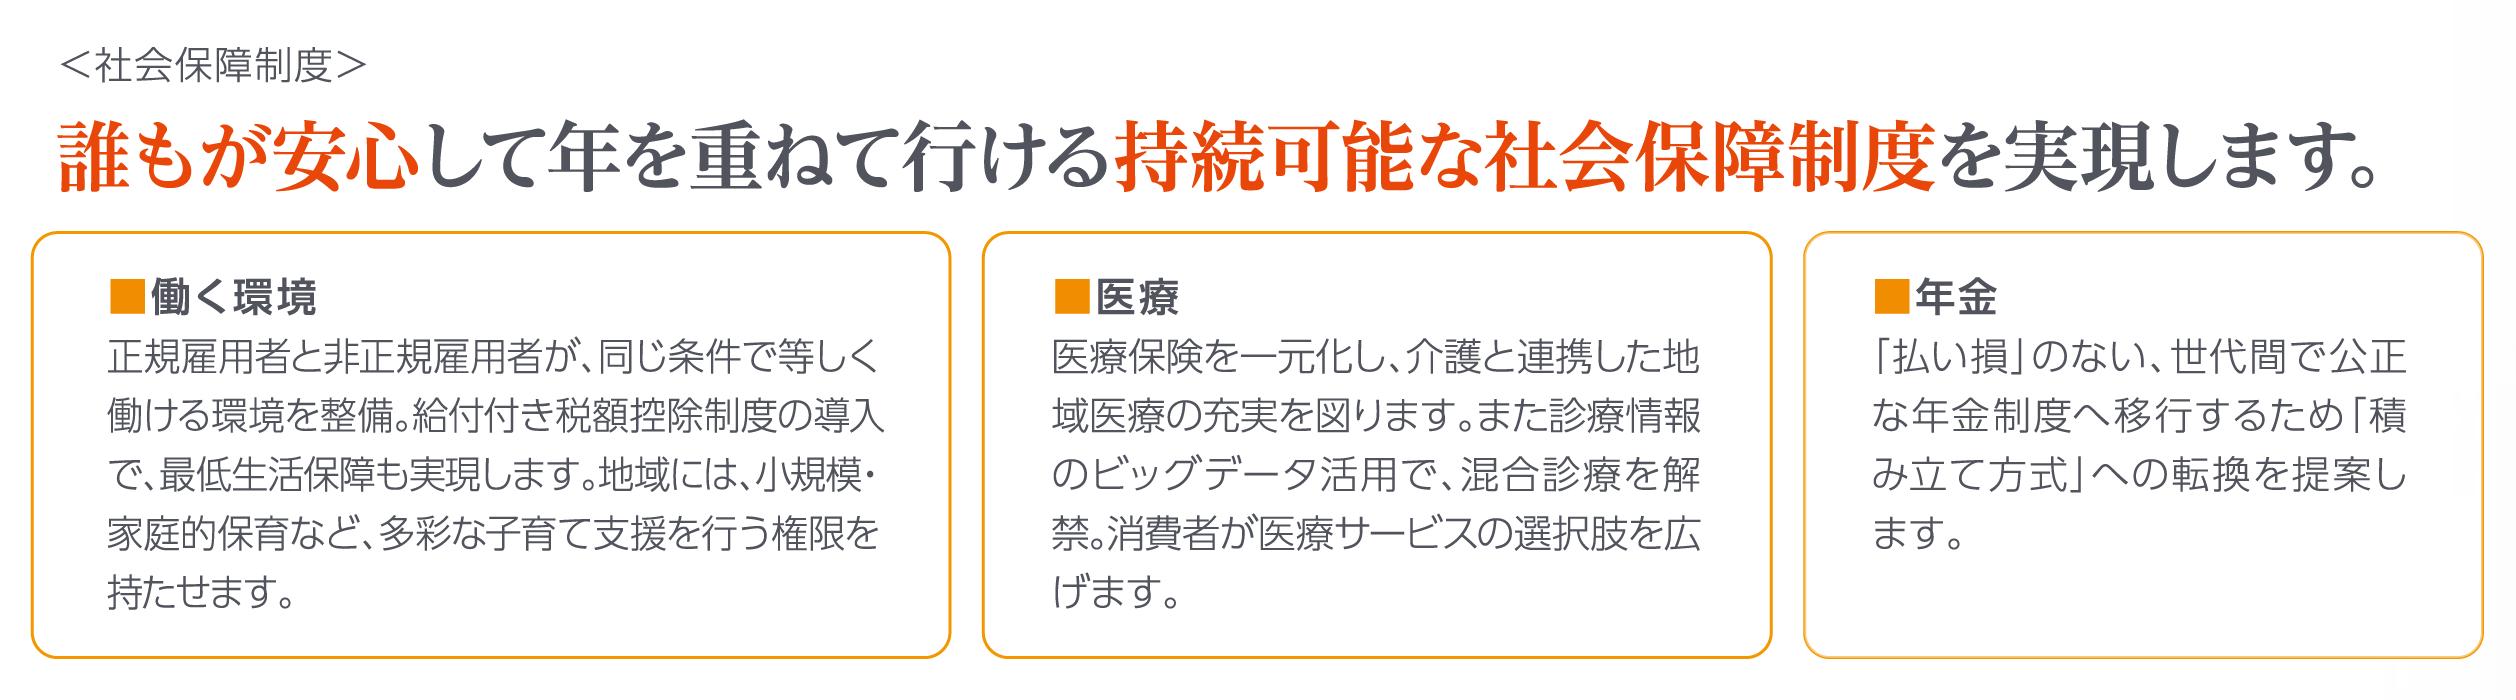 seisaku_syakaihosyou